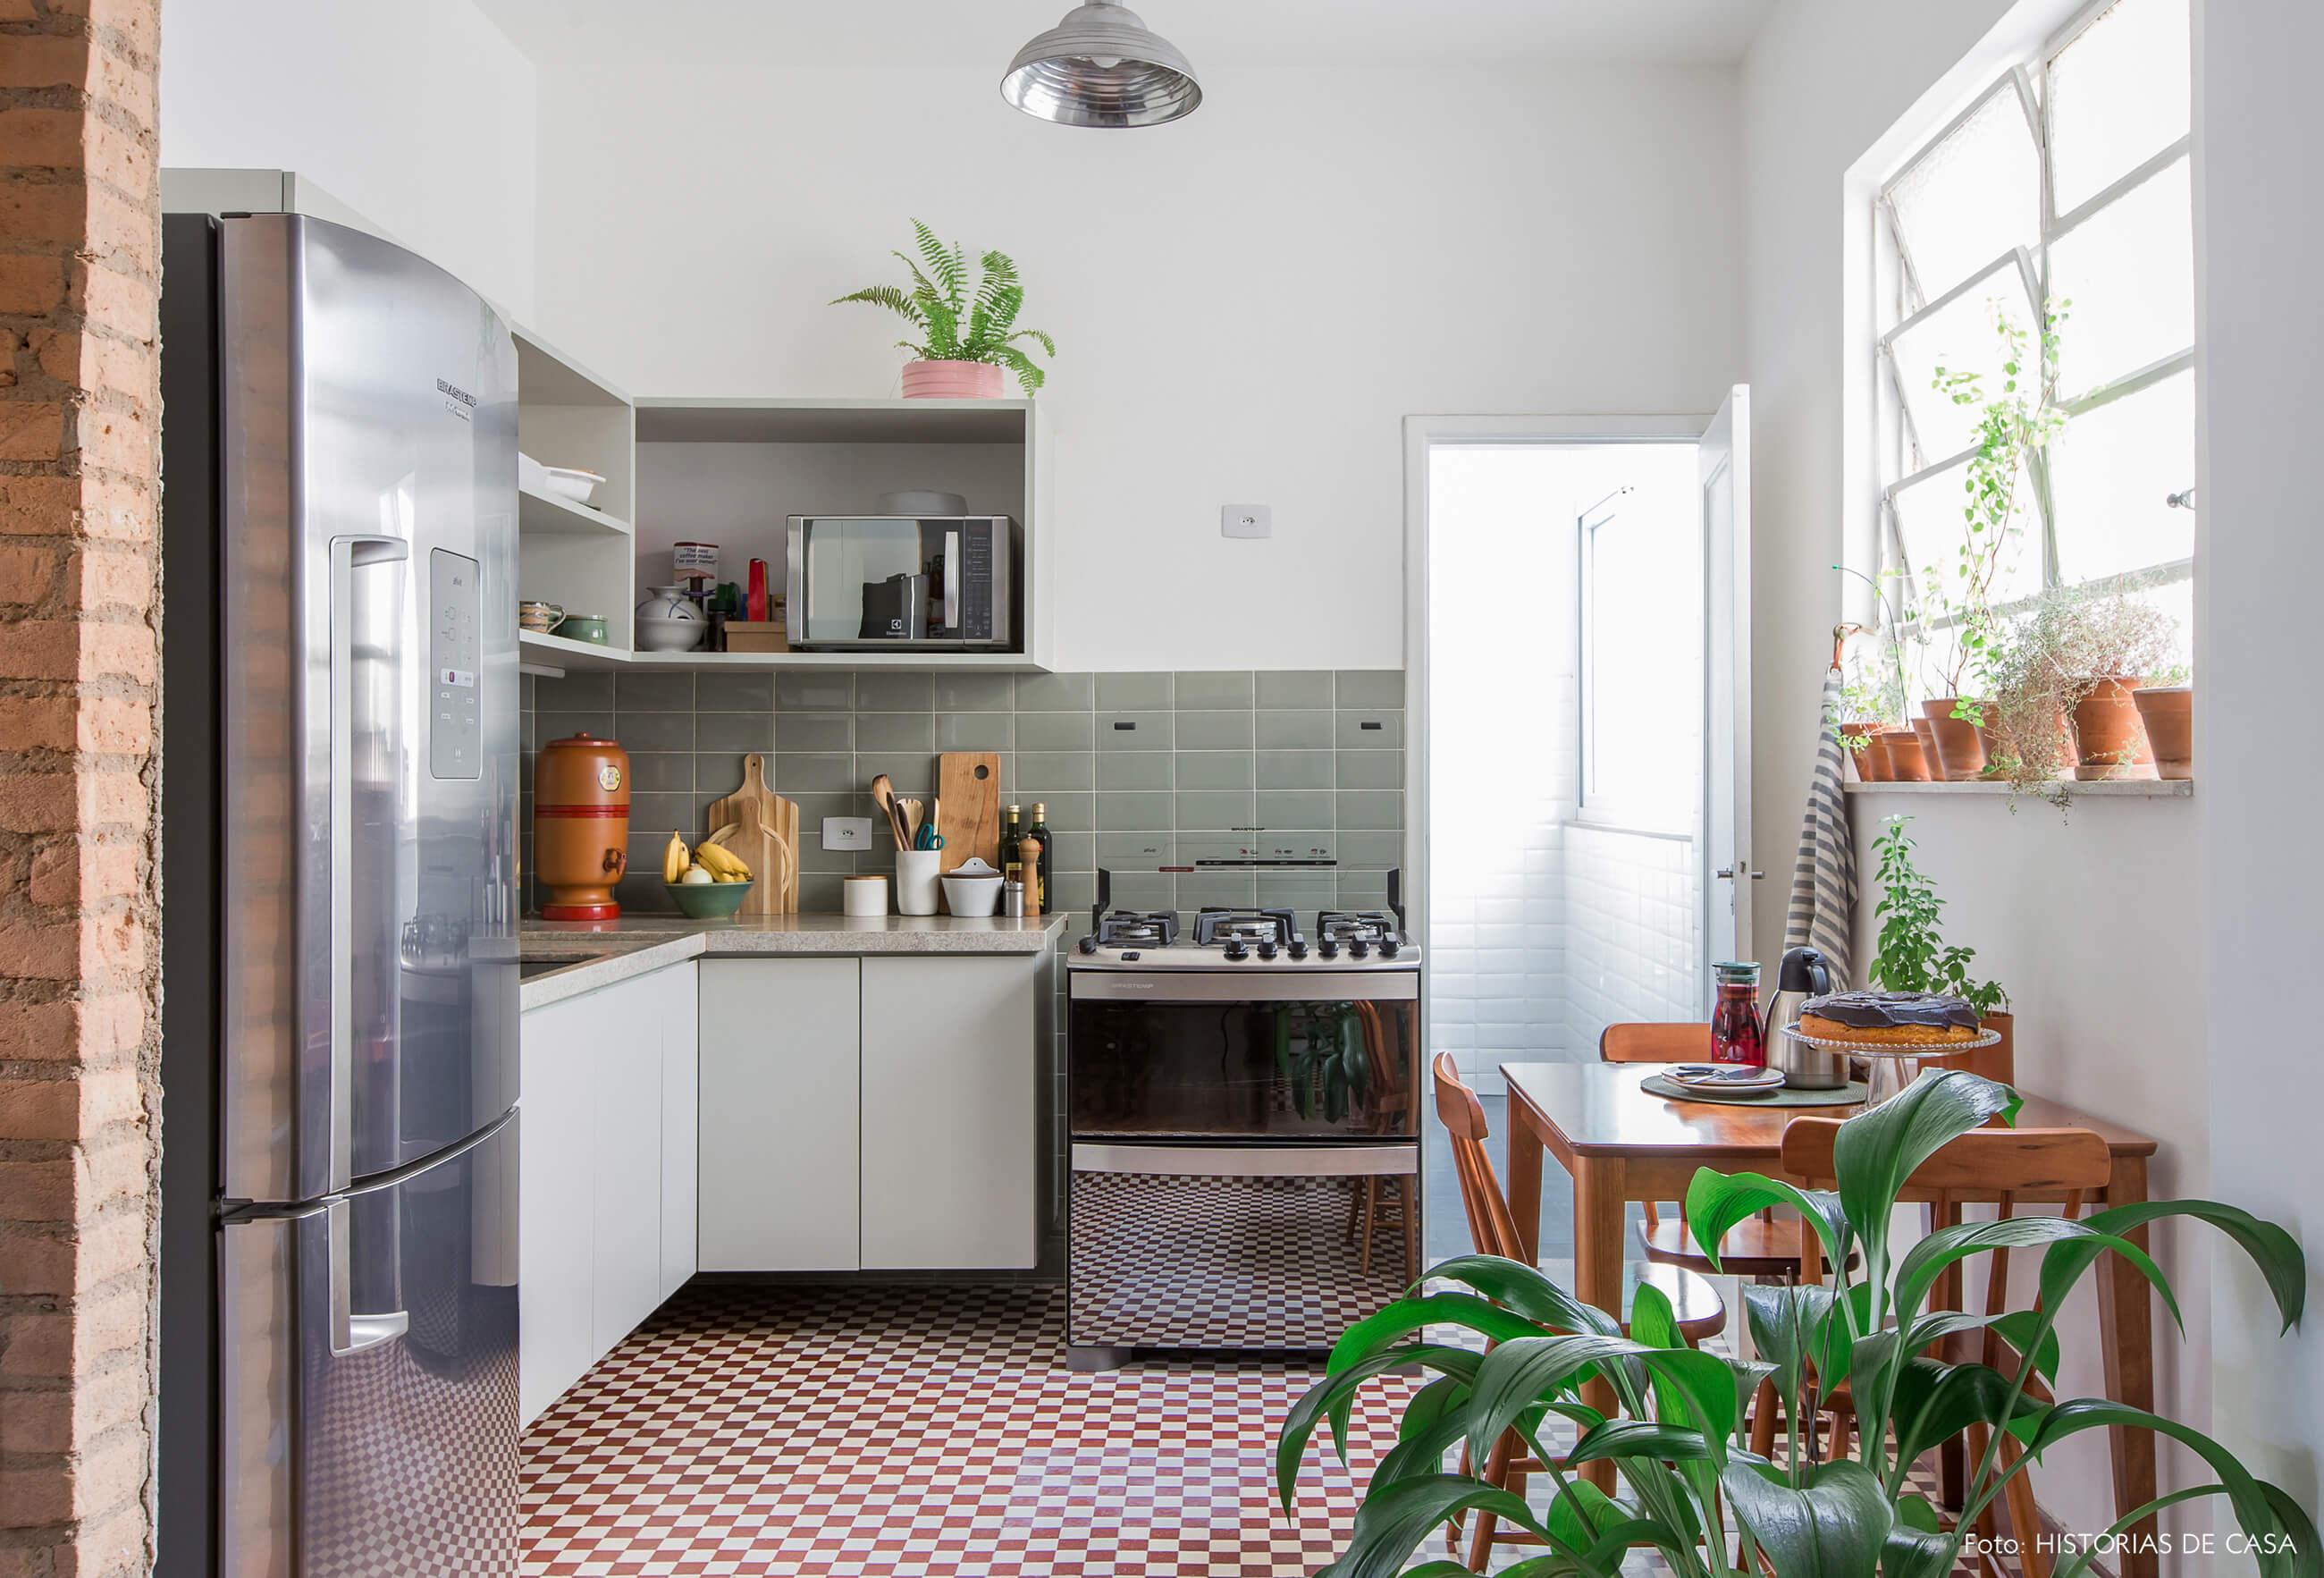 Apartamento reformado com cozinha integrada, piso de ladrilhos hidráulicos